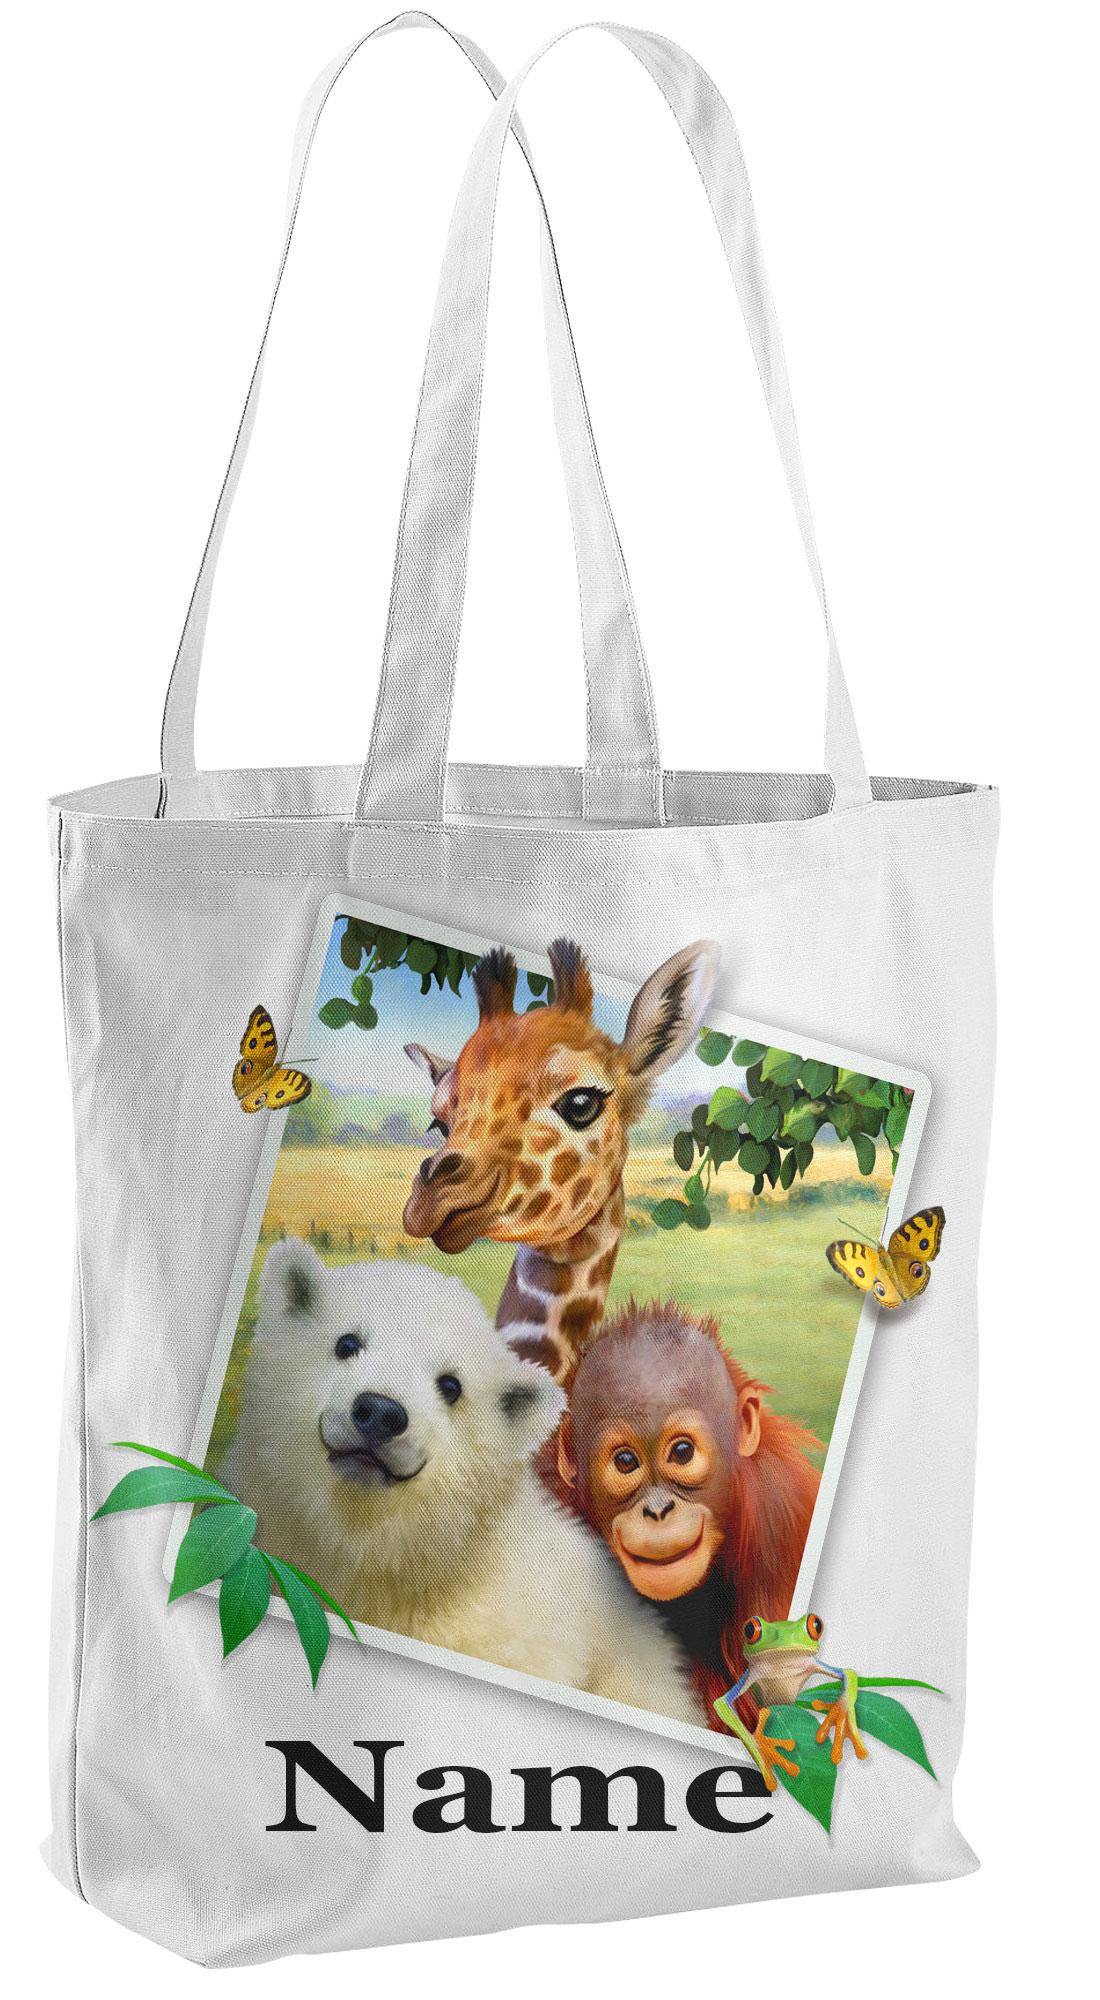 Jungle-Pals Tote Shopping Bag